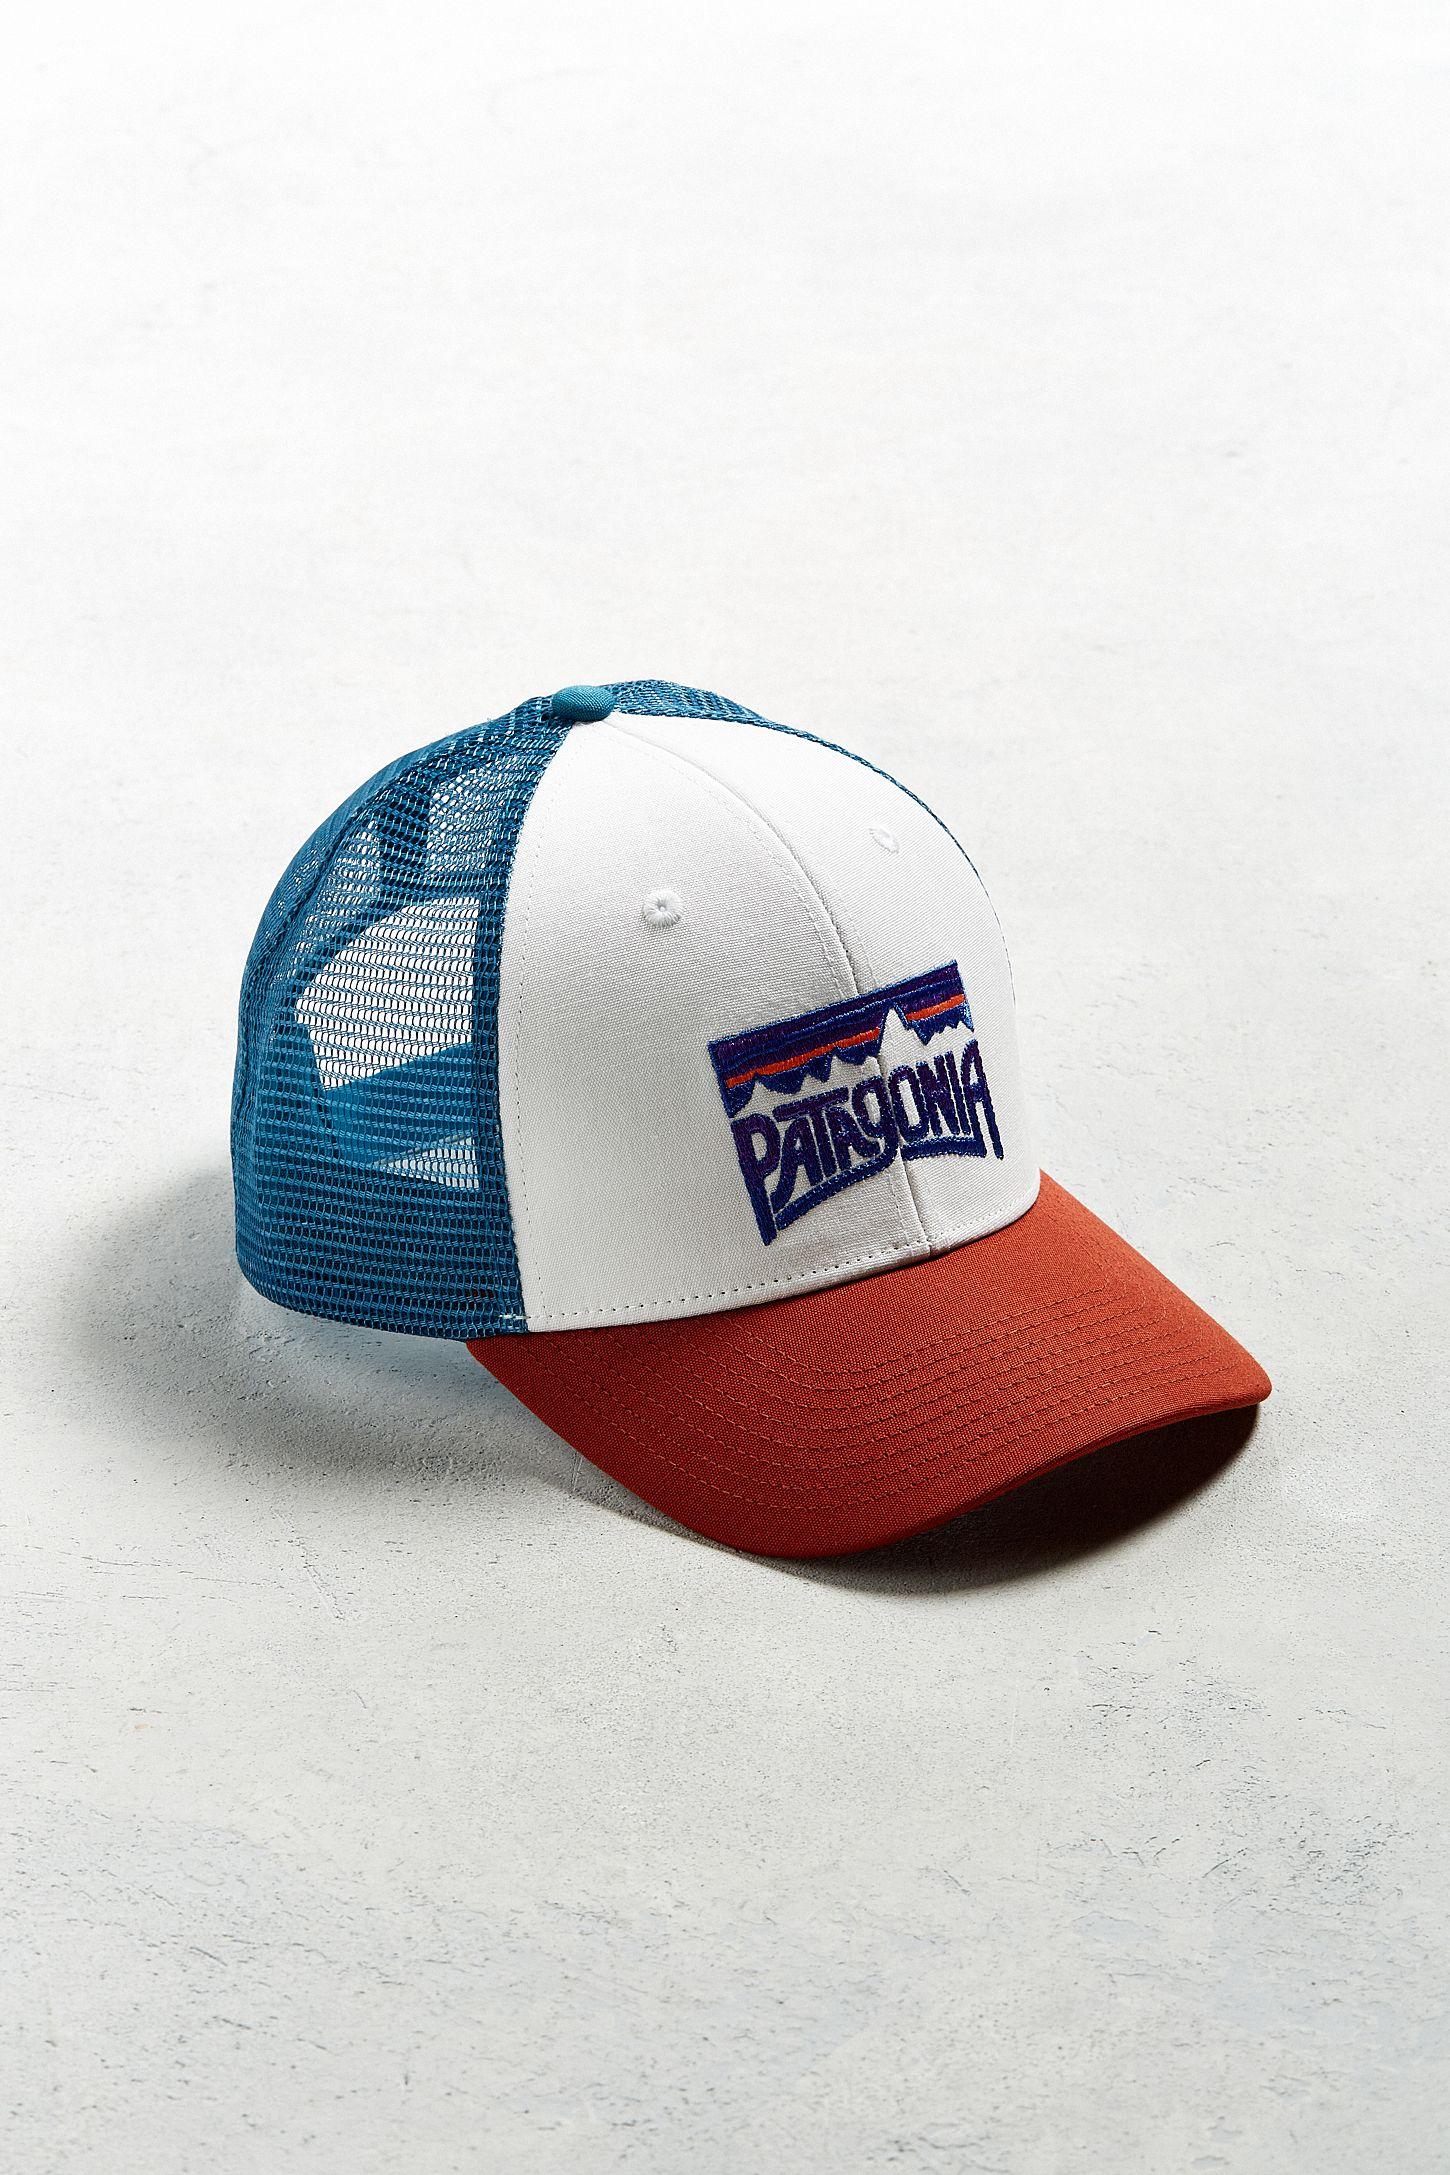 dd7fab84f4a Patagonia Fitz Roy Frostbite Trucker Hat